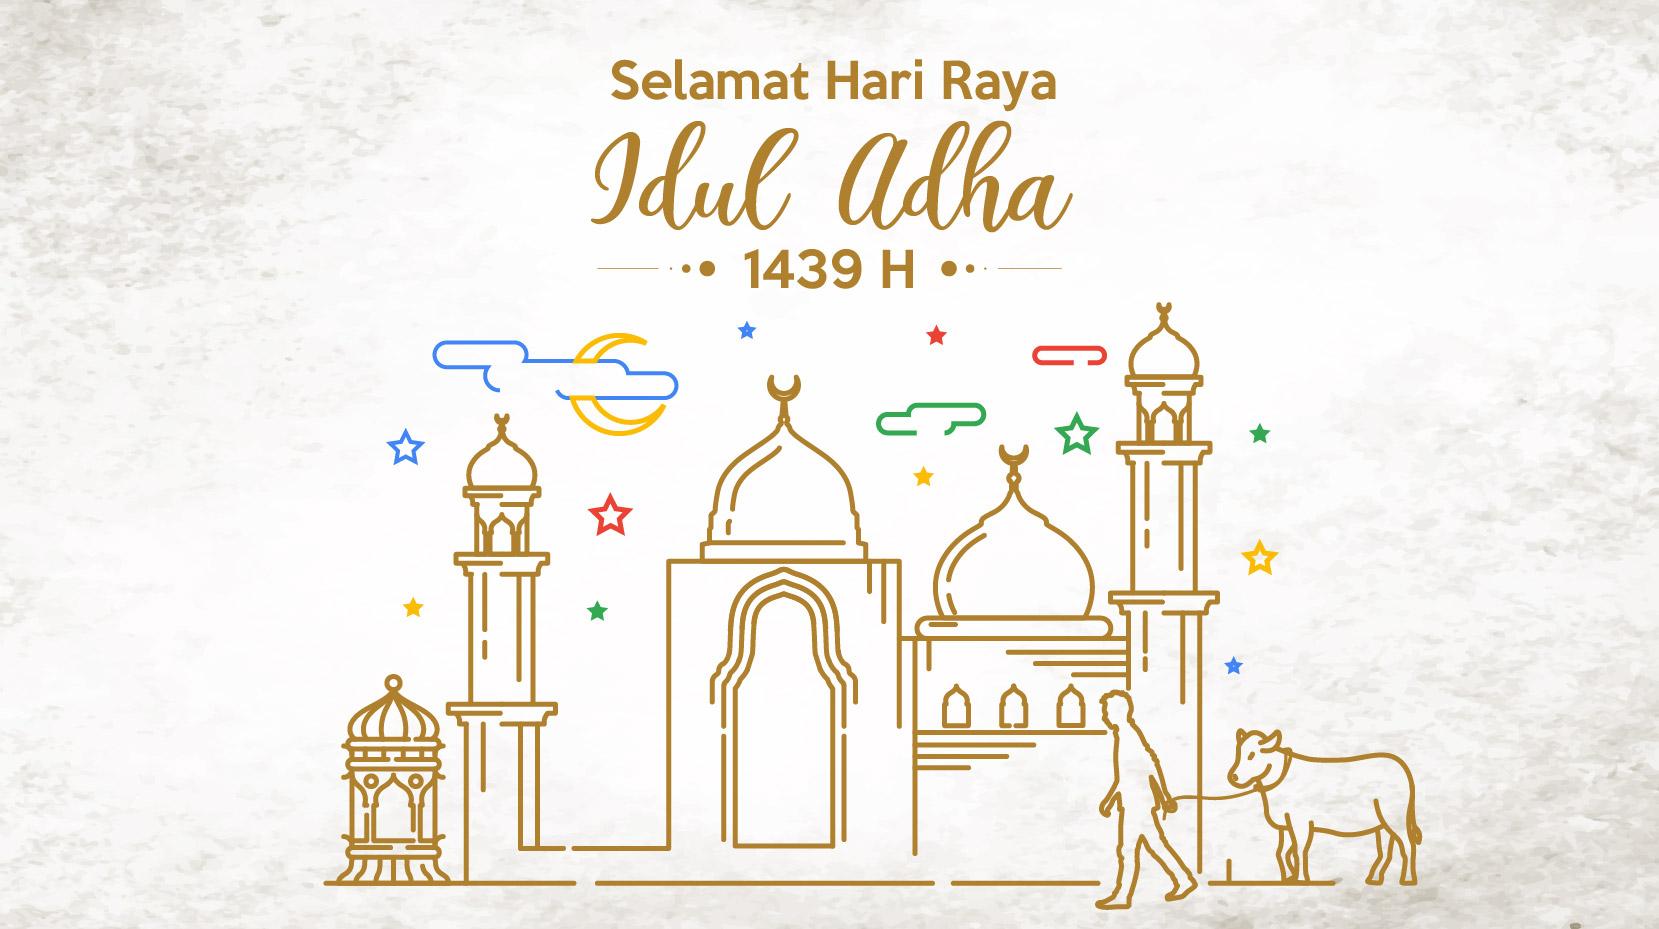 Idul Adha 2018